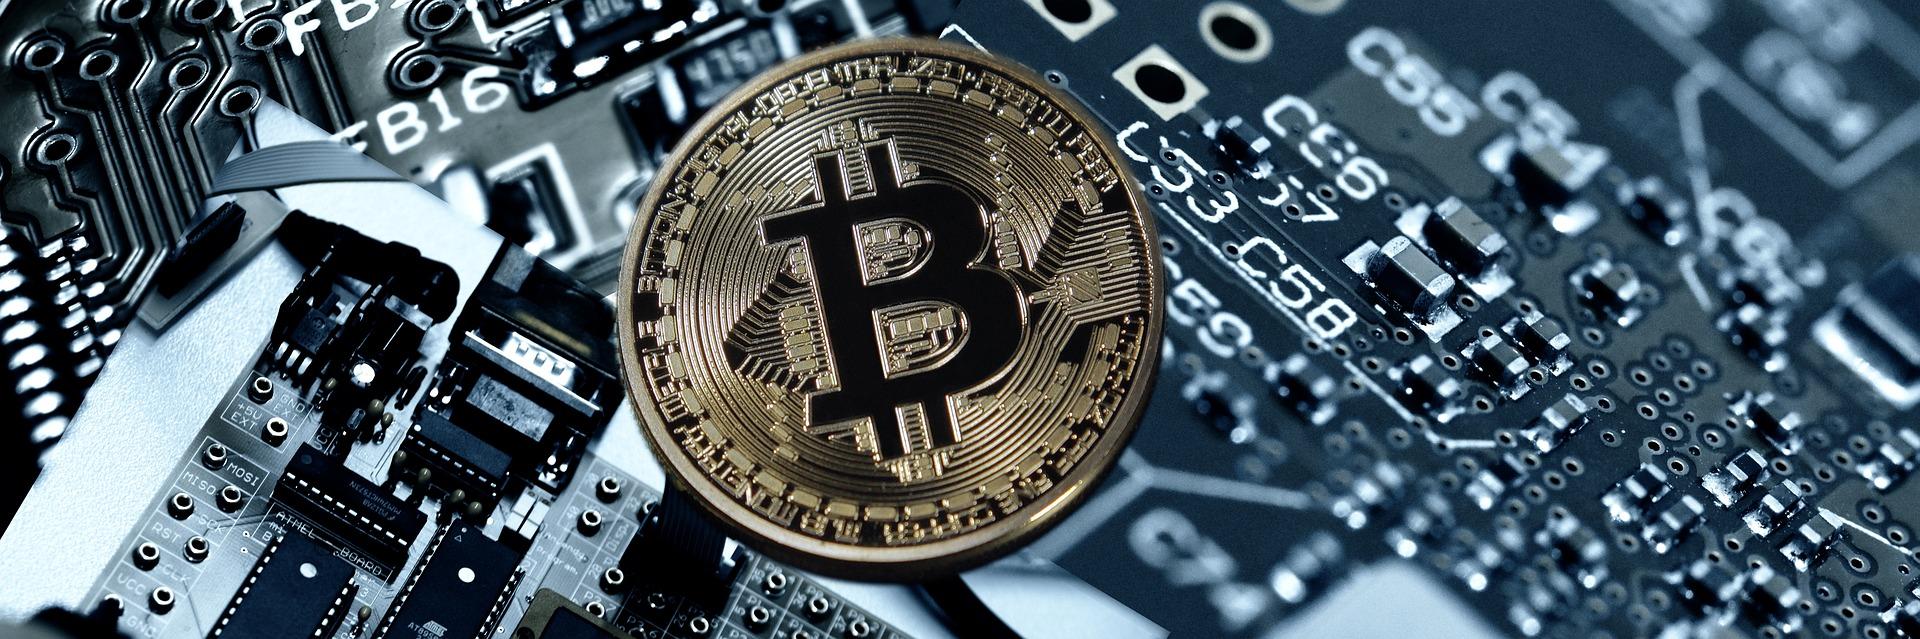 Bitcoin Evolution è una truffa? ⚠️ Guida verificata 2021